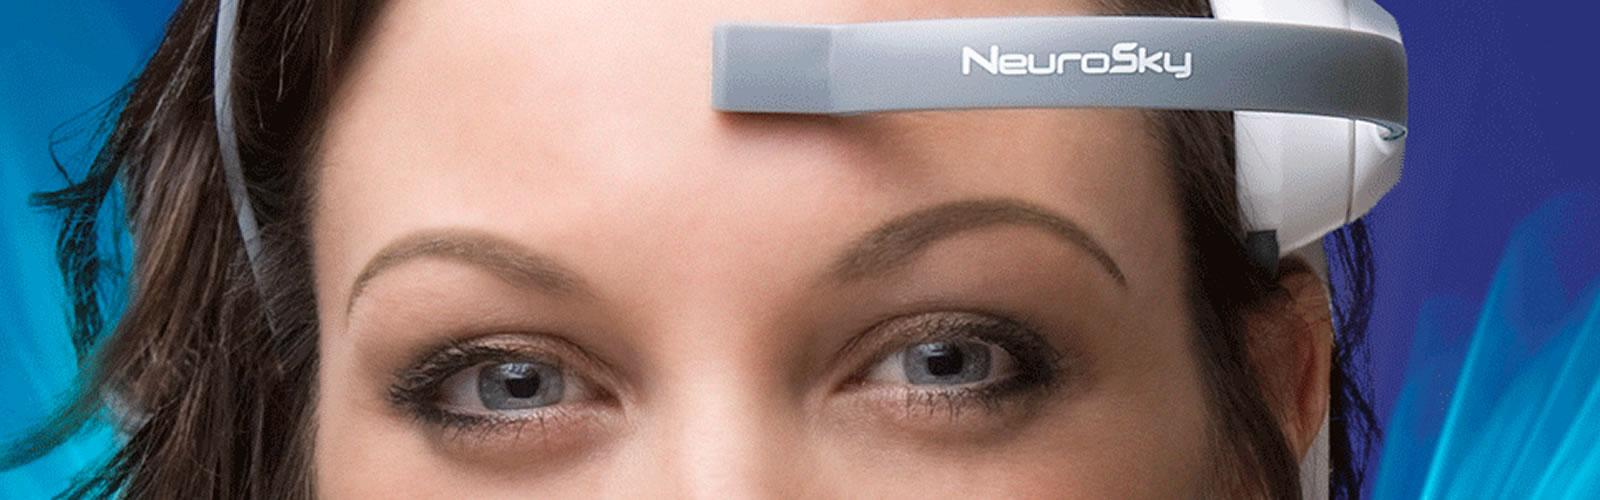 Presto sul mercato i dispositivi wearable capaci di leggere nei nostri pensieri